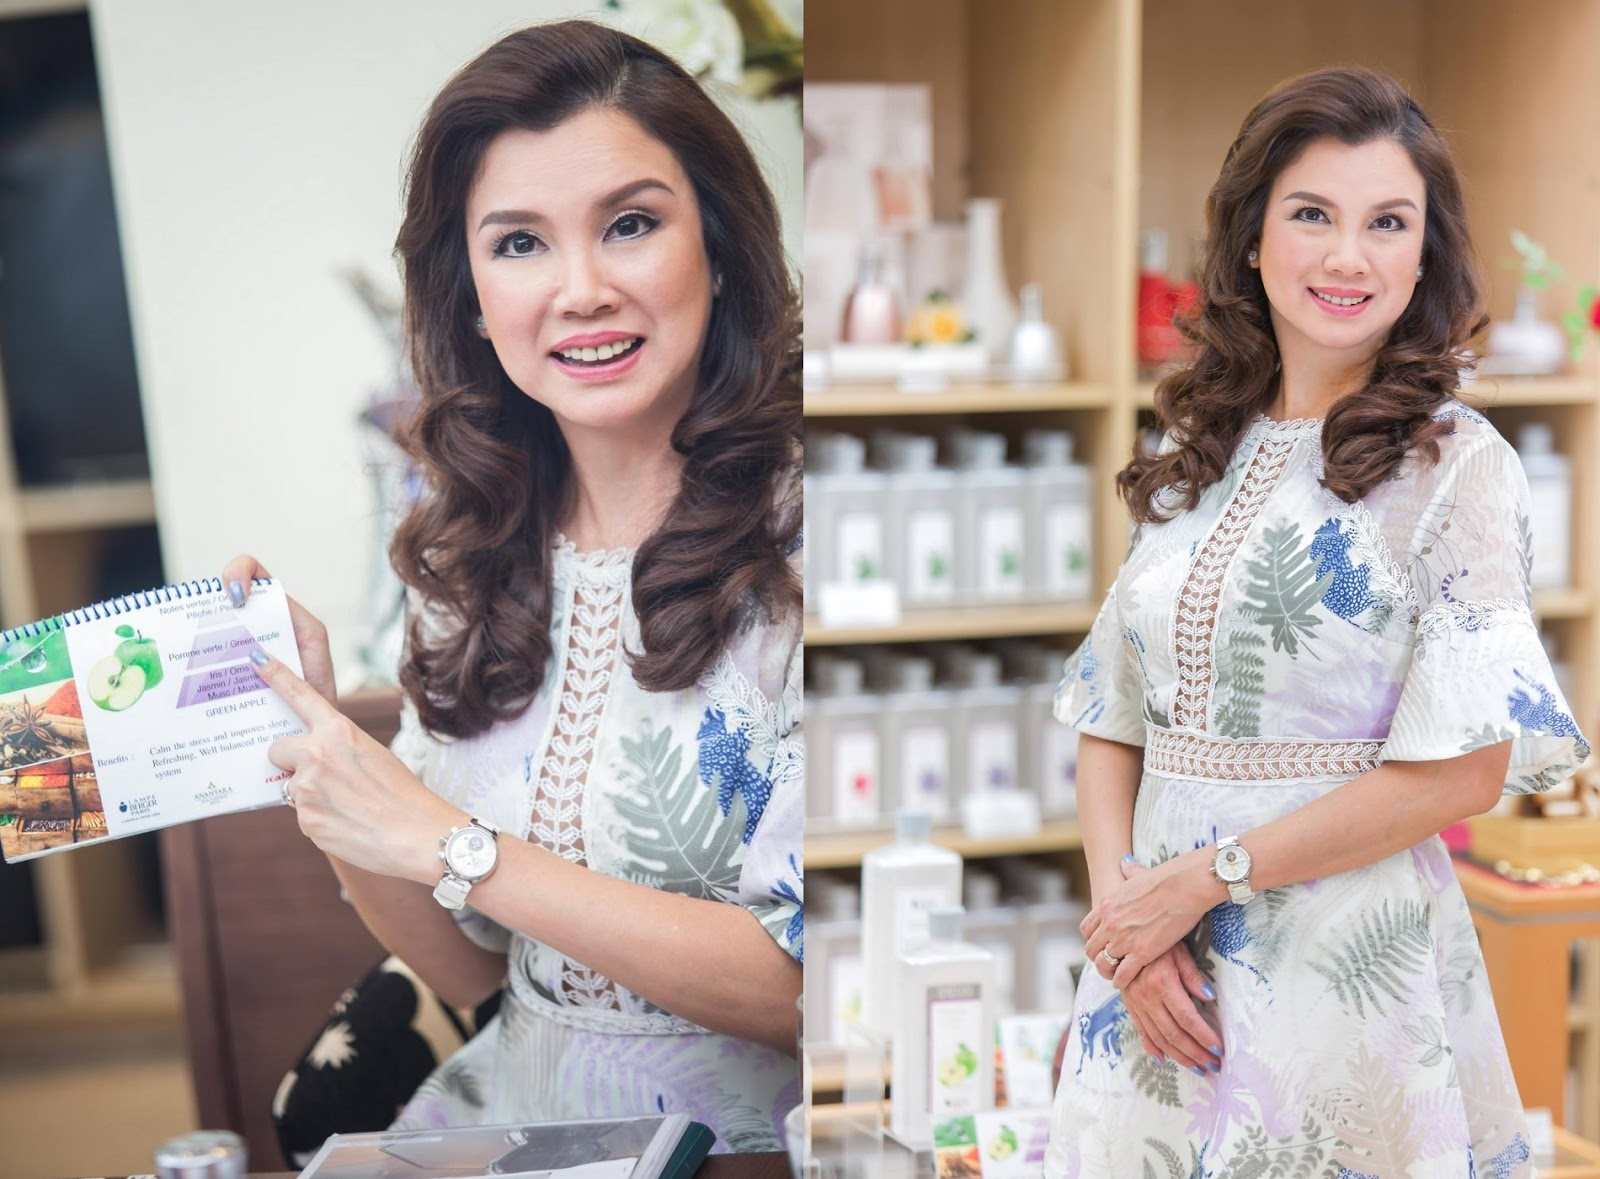 ทำความรู้จักกับแบรนด์ LAMPE BERGER PARIS ครั้งนี้ได้รับเกียรติจาก คุณนนทกานต์ ทัพพะรังสี อึง - กรรมการผู้จัดการ บริษัท เบอร์เจอร์ โพรดักส์ (ประเทศไทย) จำกัด ให้ข้อมูลและนำชมผลิตภัณฑ์ พร้อมตอบคำถามอย่างใกล้ชิด